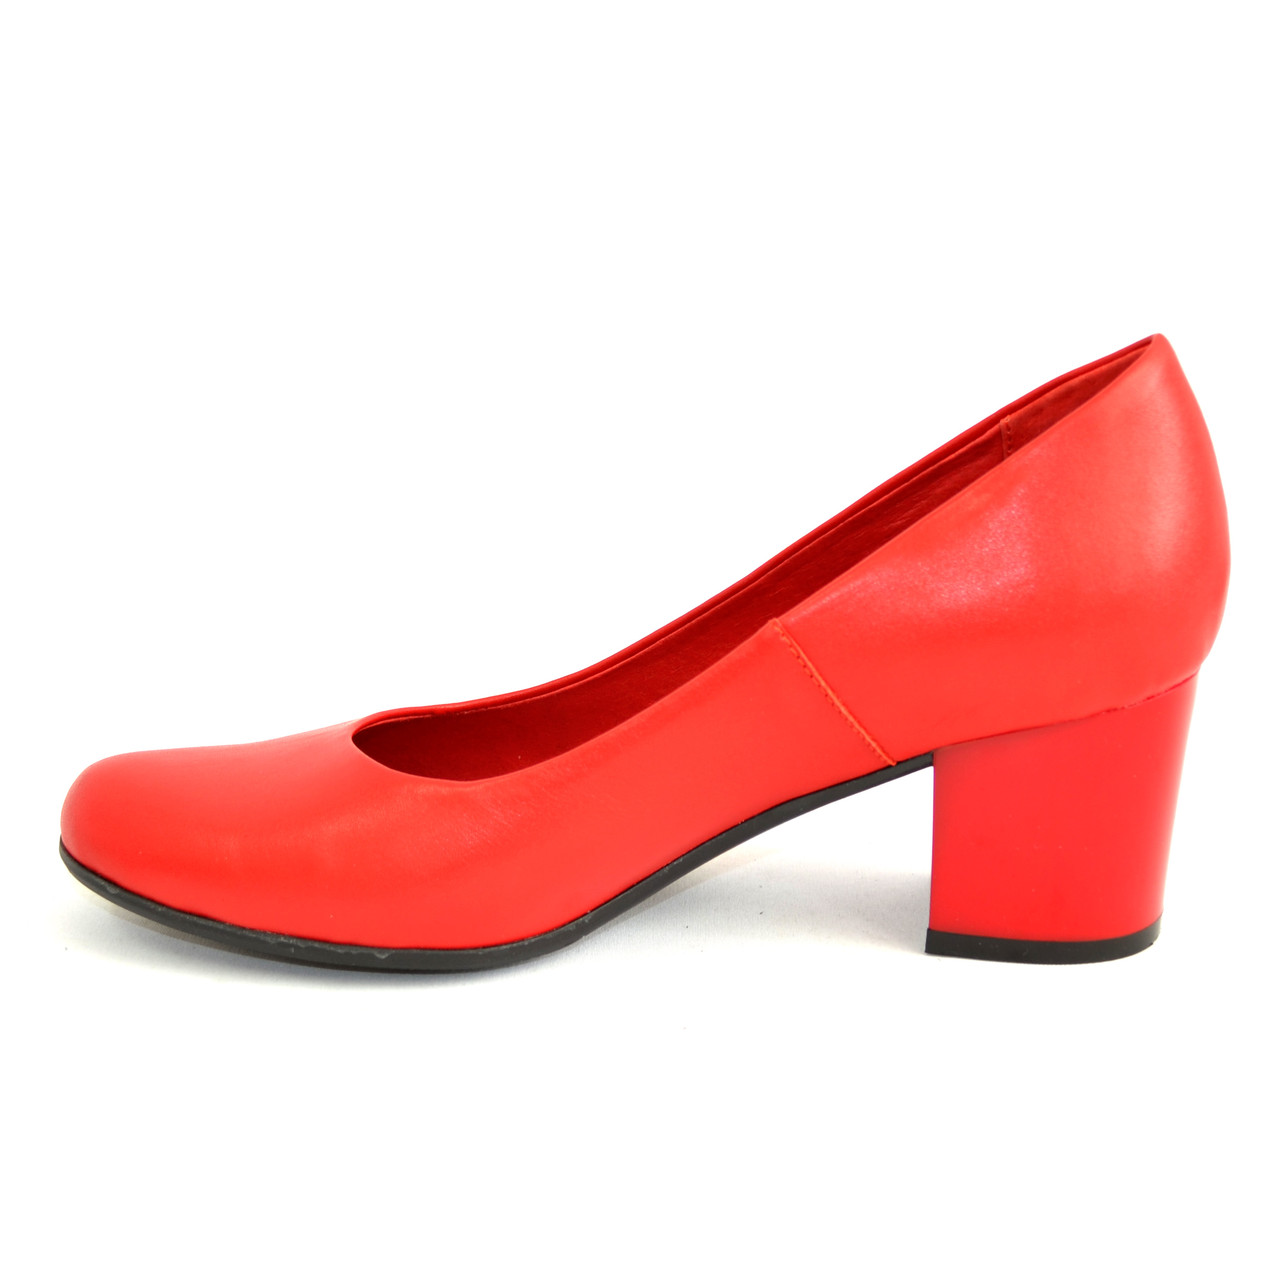 Женские красные кожаные туфли на невысоком устойчивом каблуке ... 9c876a00ade57